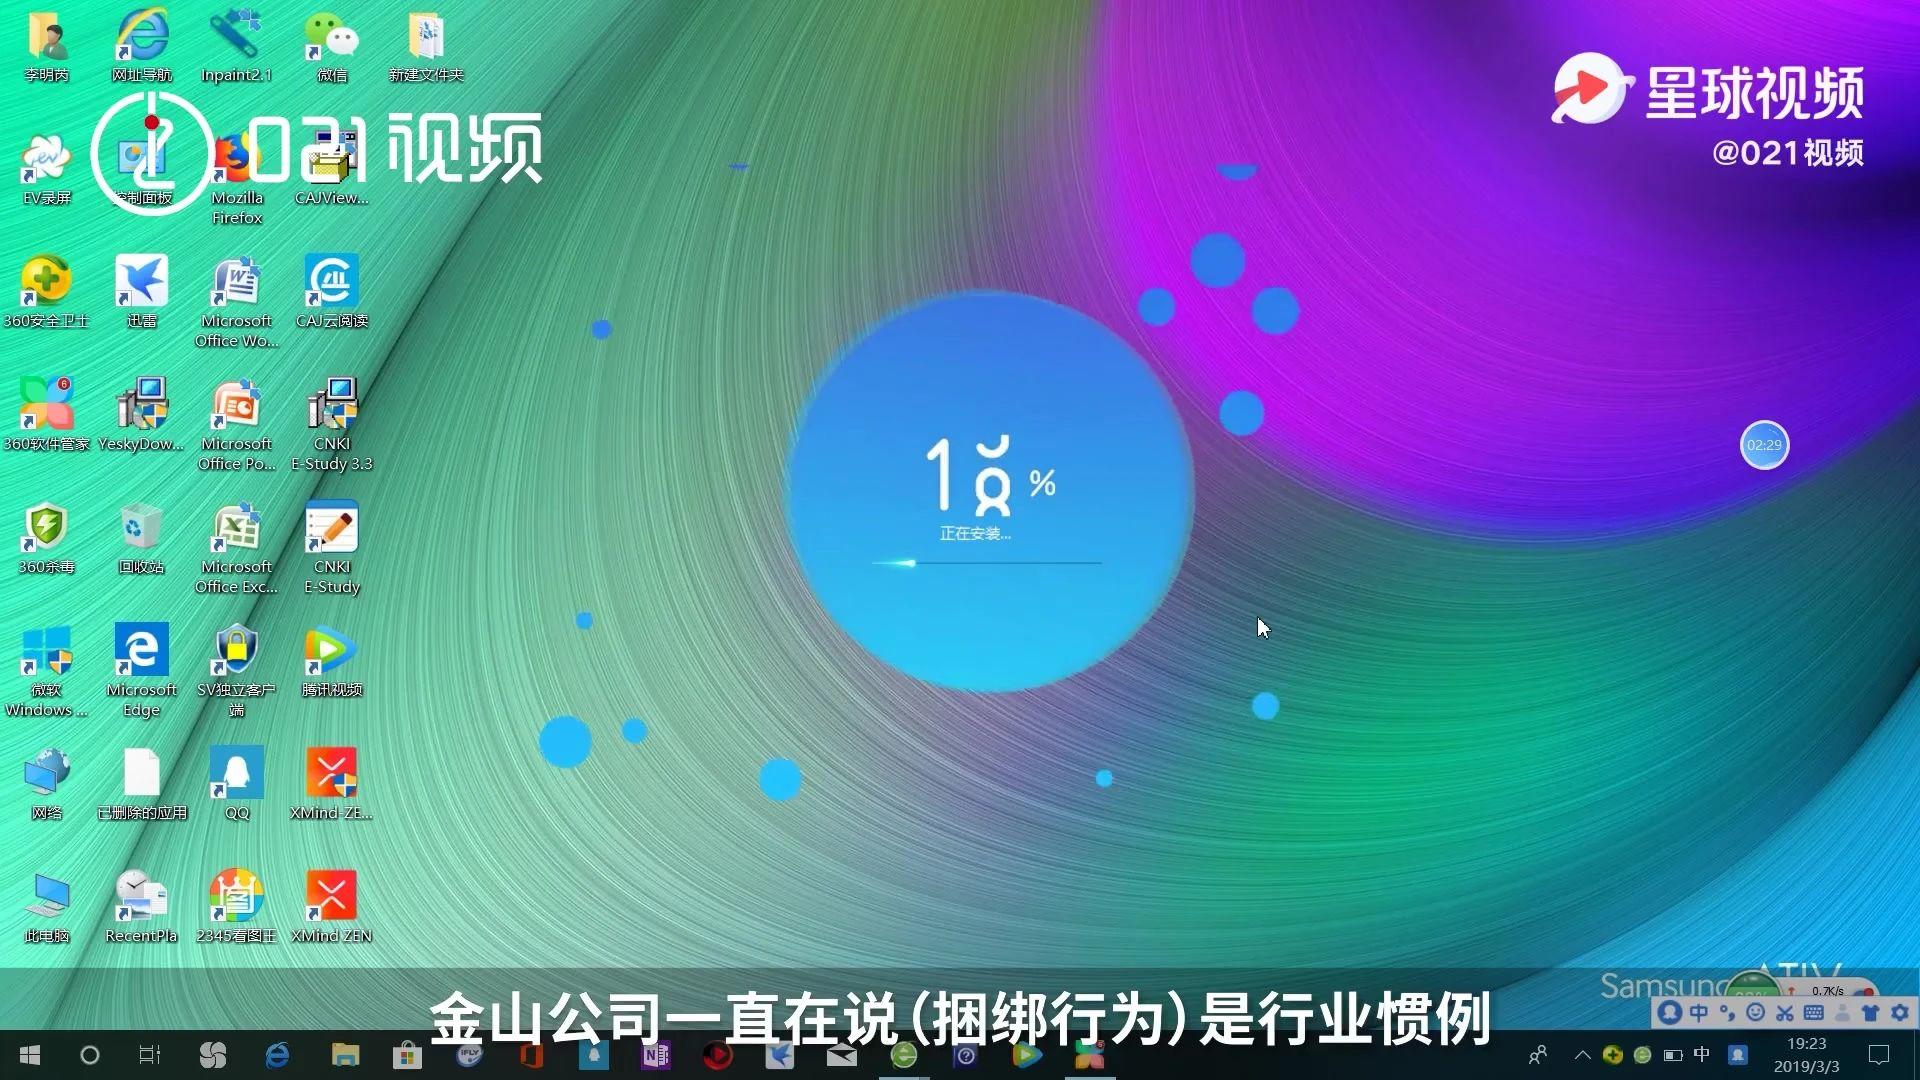 """历时两年获赔700元!上海这位大学生告赢""""金山毒霸"""",网友:谢谢你的坚持"""